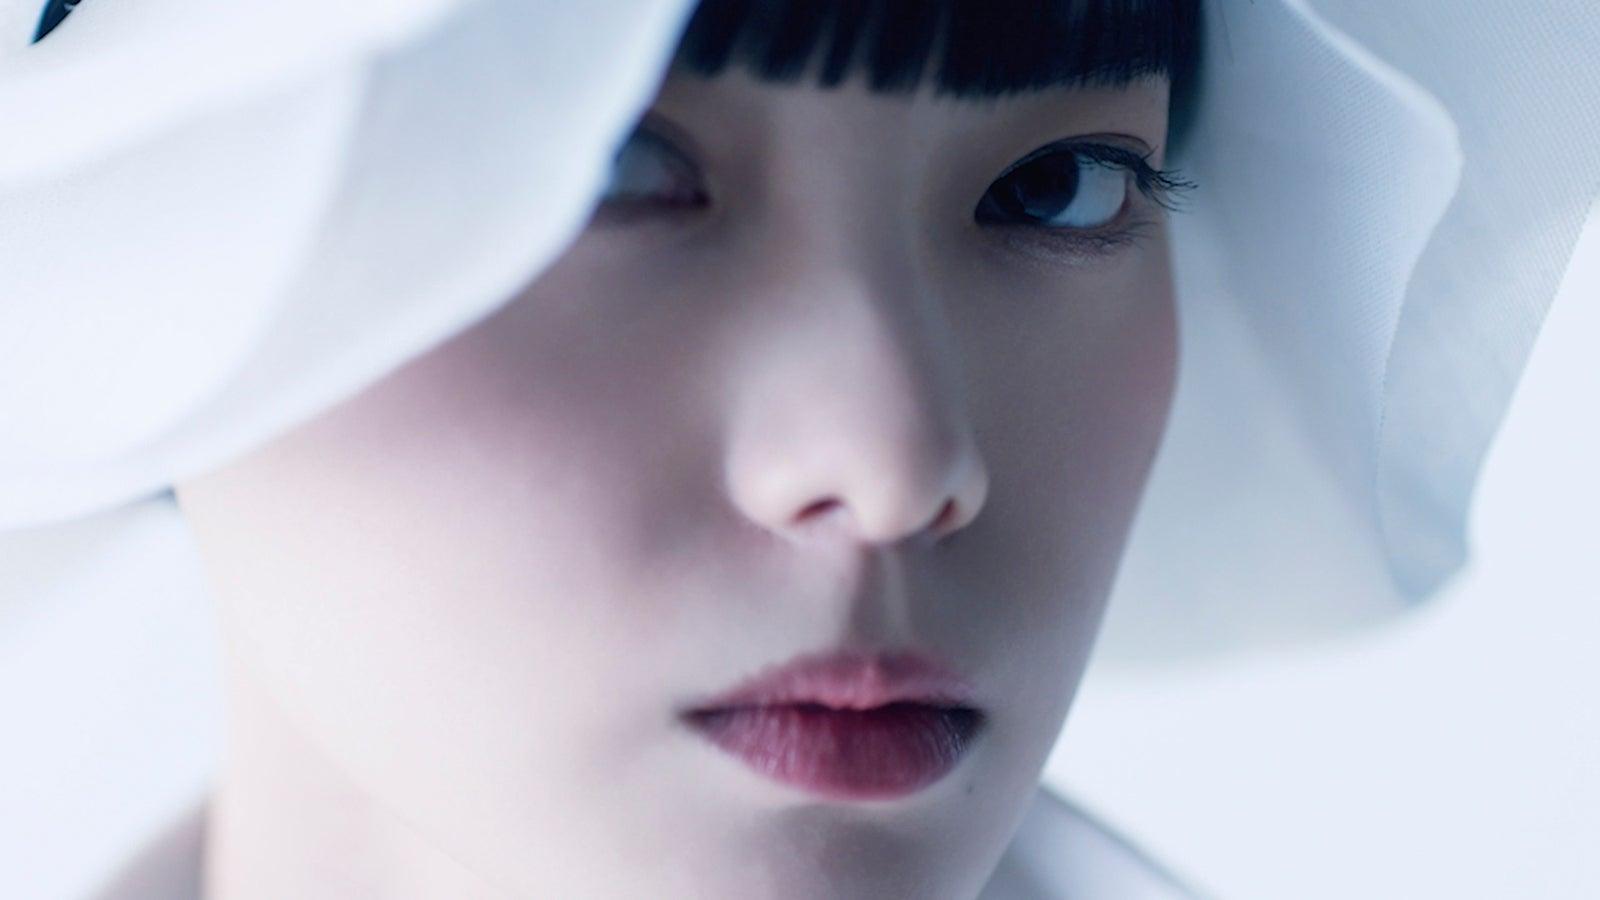 【速報】元欅坂46 平手友梨奈(19)さん、モデルへ パリコレに参加してしまうwwww